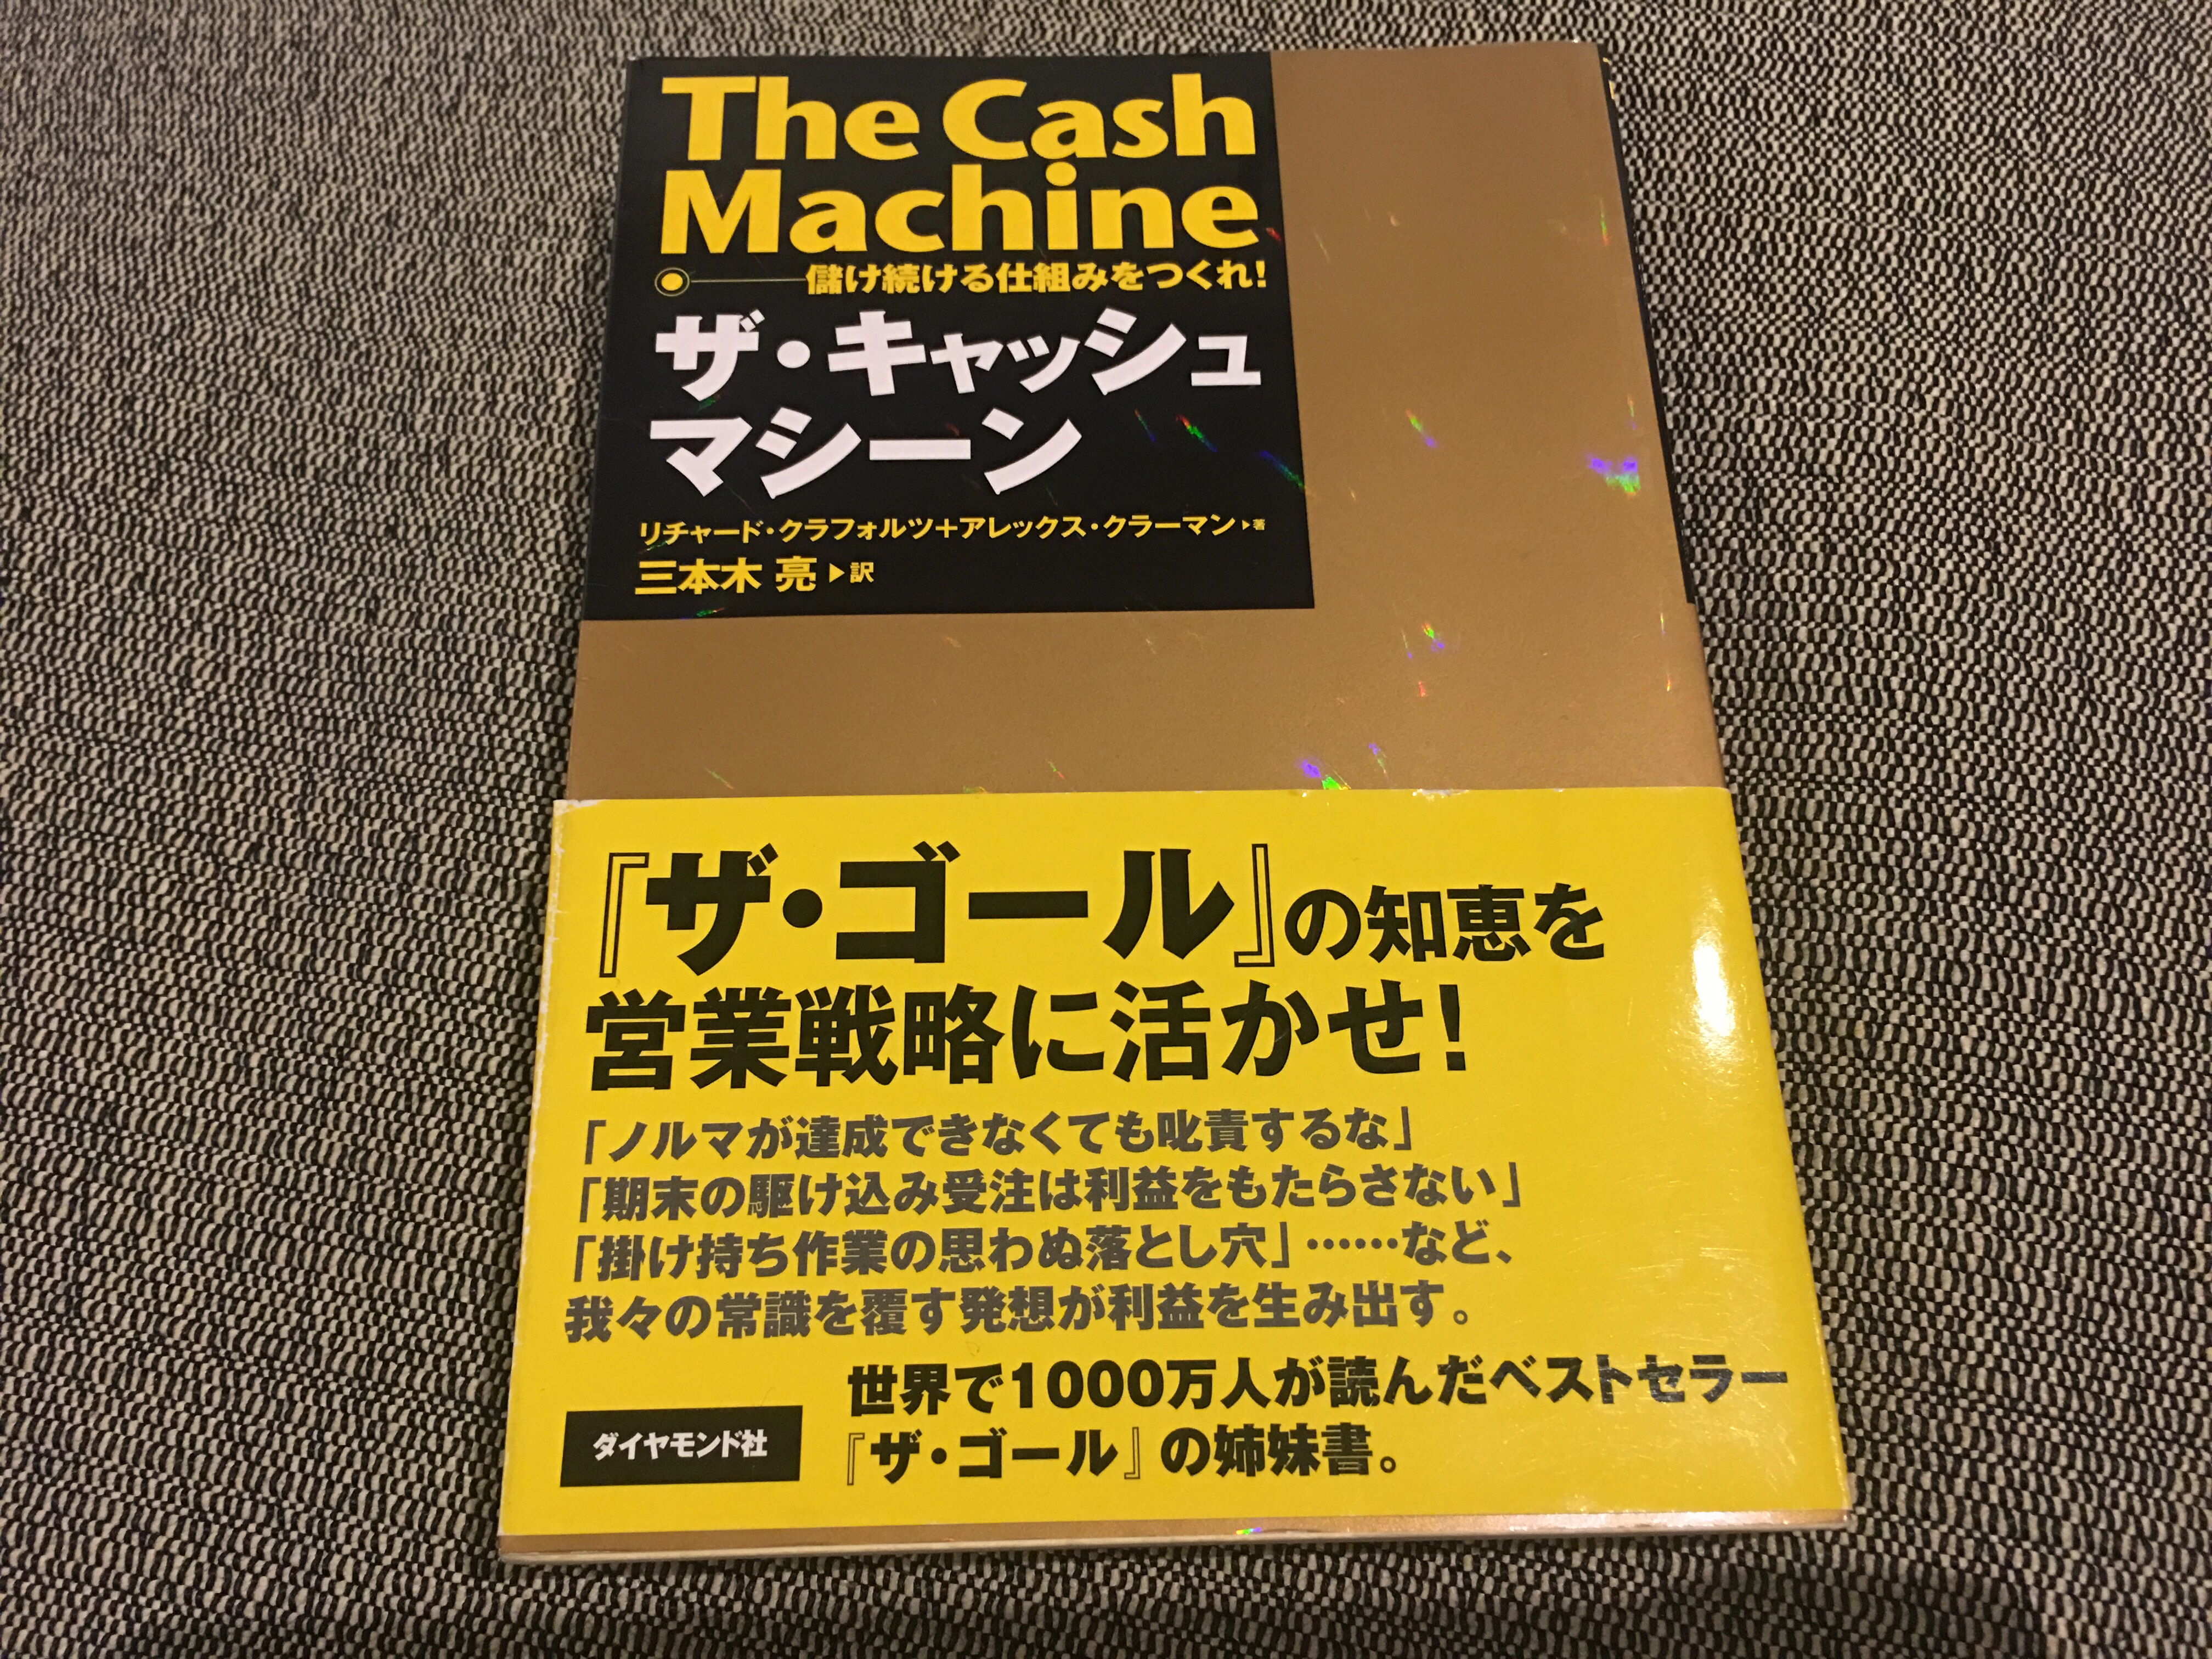 ザ・キャッシュマシーンで出てくる業務プロセスの解説